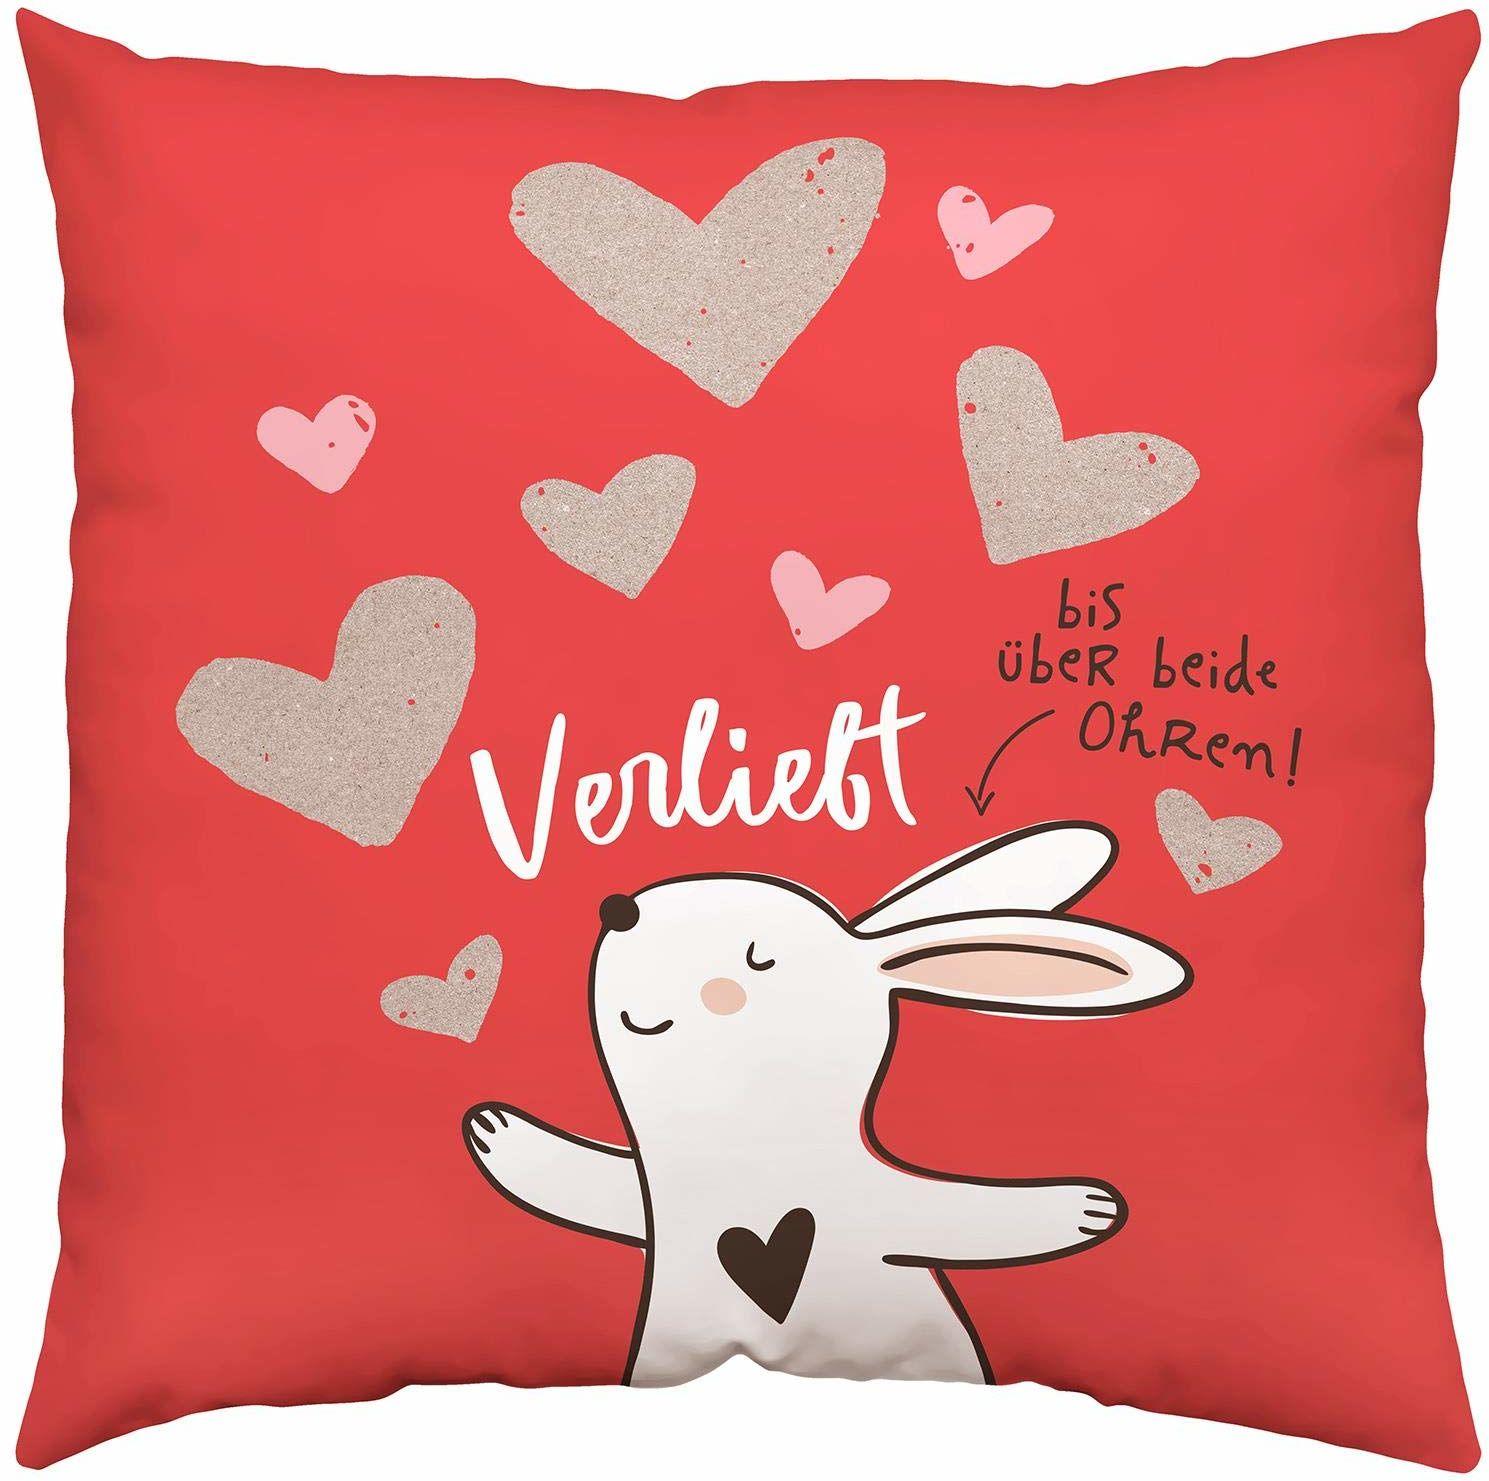 Happy Life 45336 poduszka bawełniana, z zającem, zakochana na obu uszach, 40 cm x 40 cm poduszka ozdobna, pokrowiec, wypełnienie 100% poliester, czerwono-biała